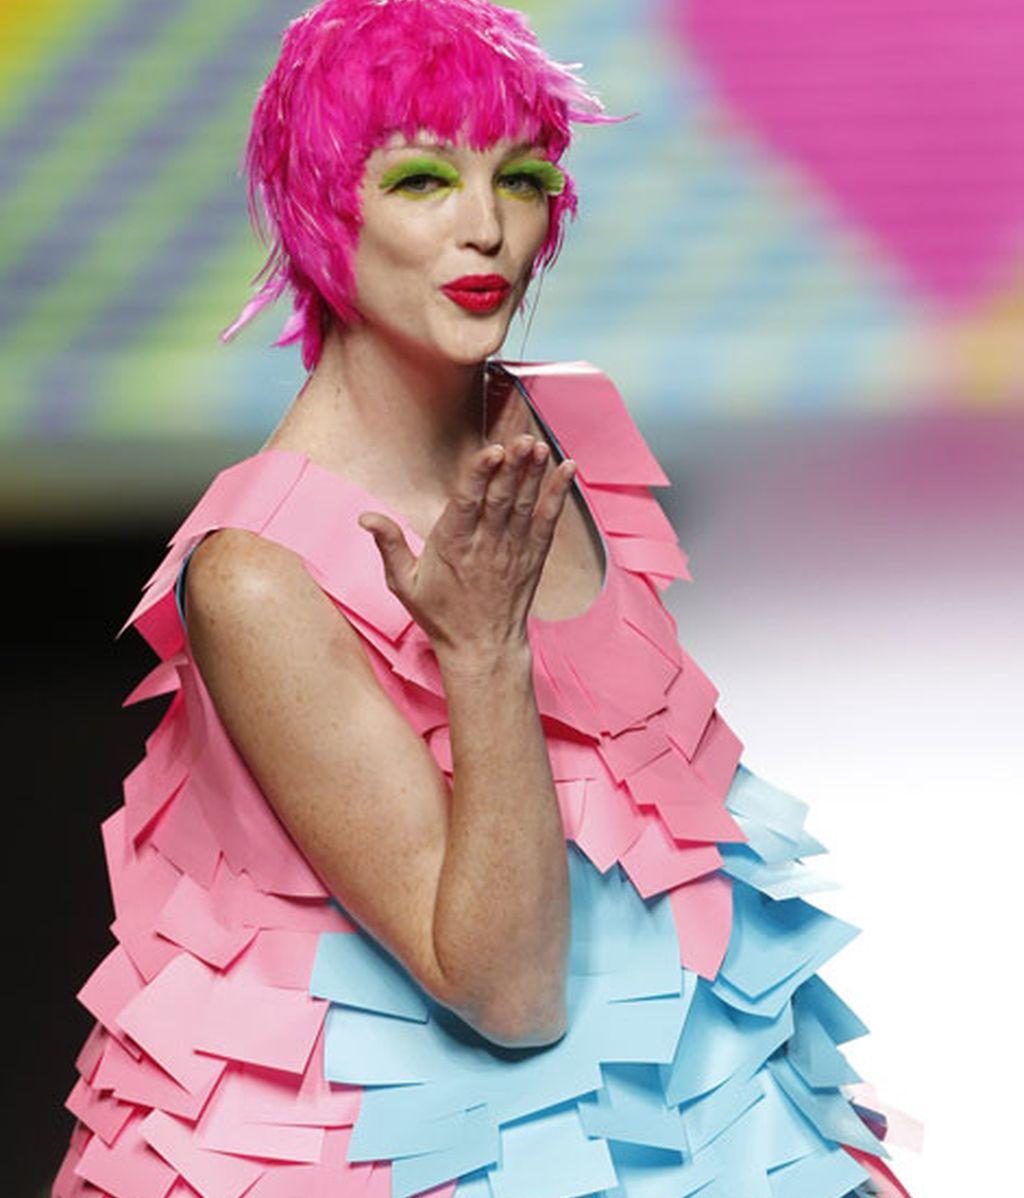 Las mujeres más divertidas llevan el pelo rosa